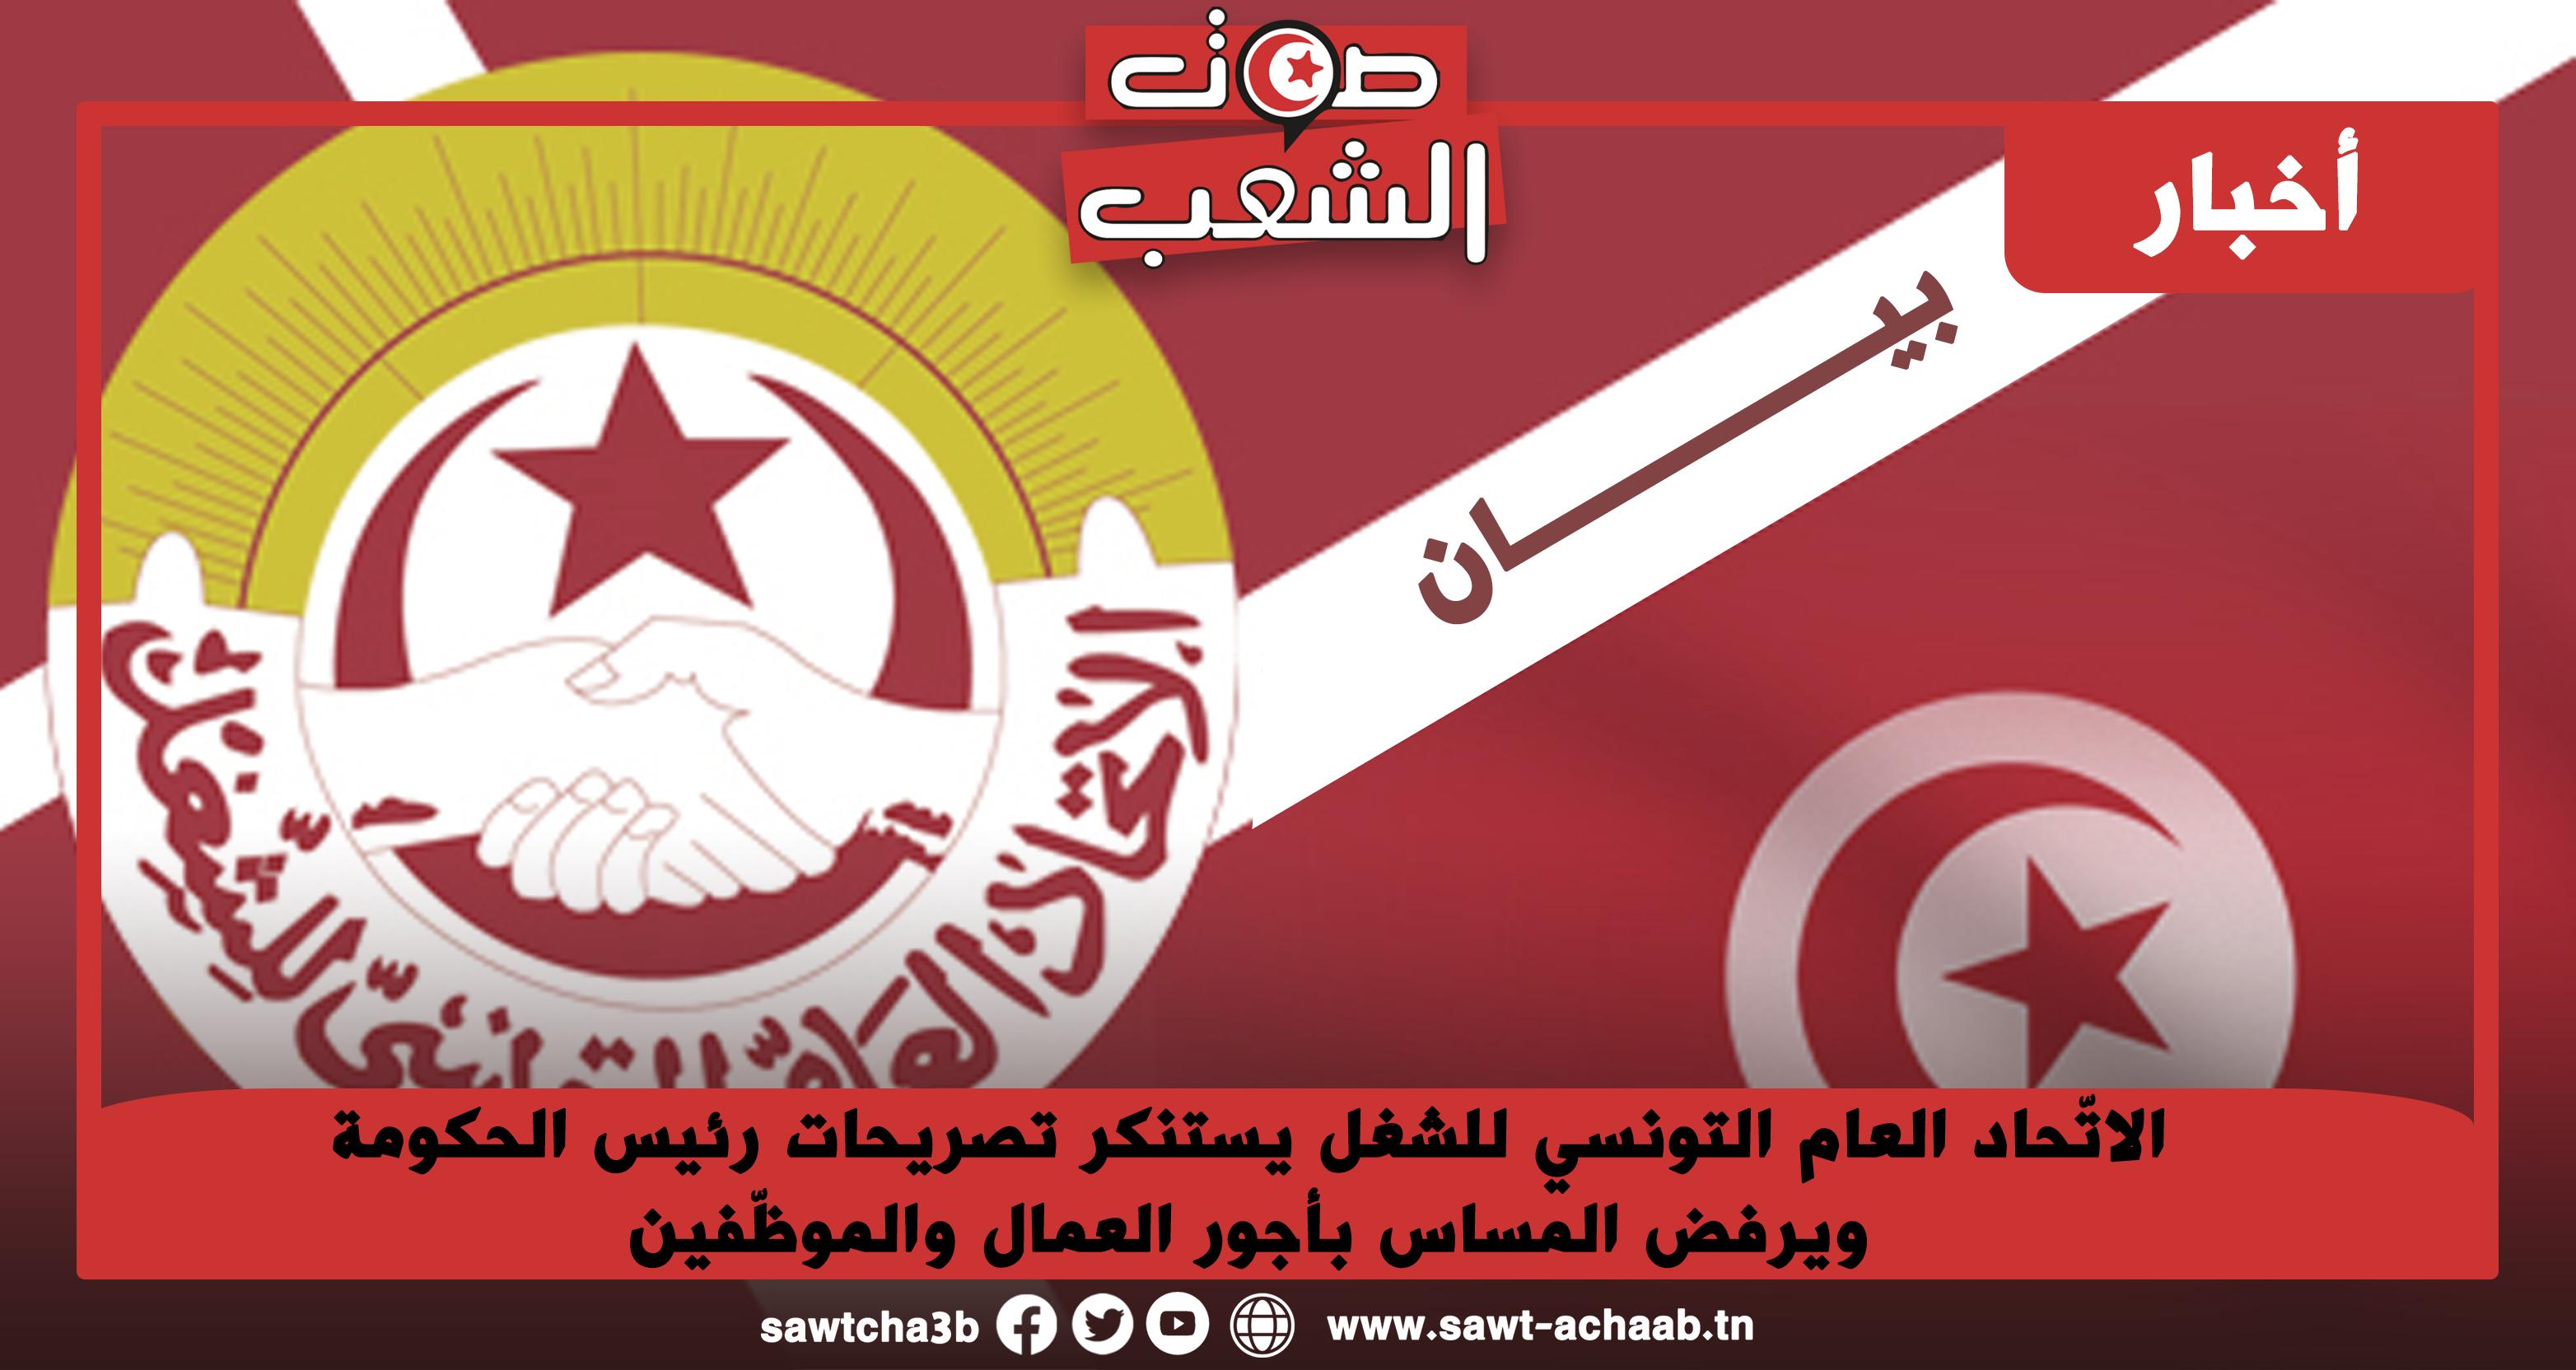 الاتّحاد العام التونسي للشغل يستنكر تصريحات رئيس الحكومة ويرفض المساس بأجور العمال والموظّفين